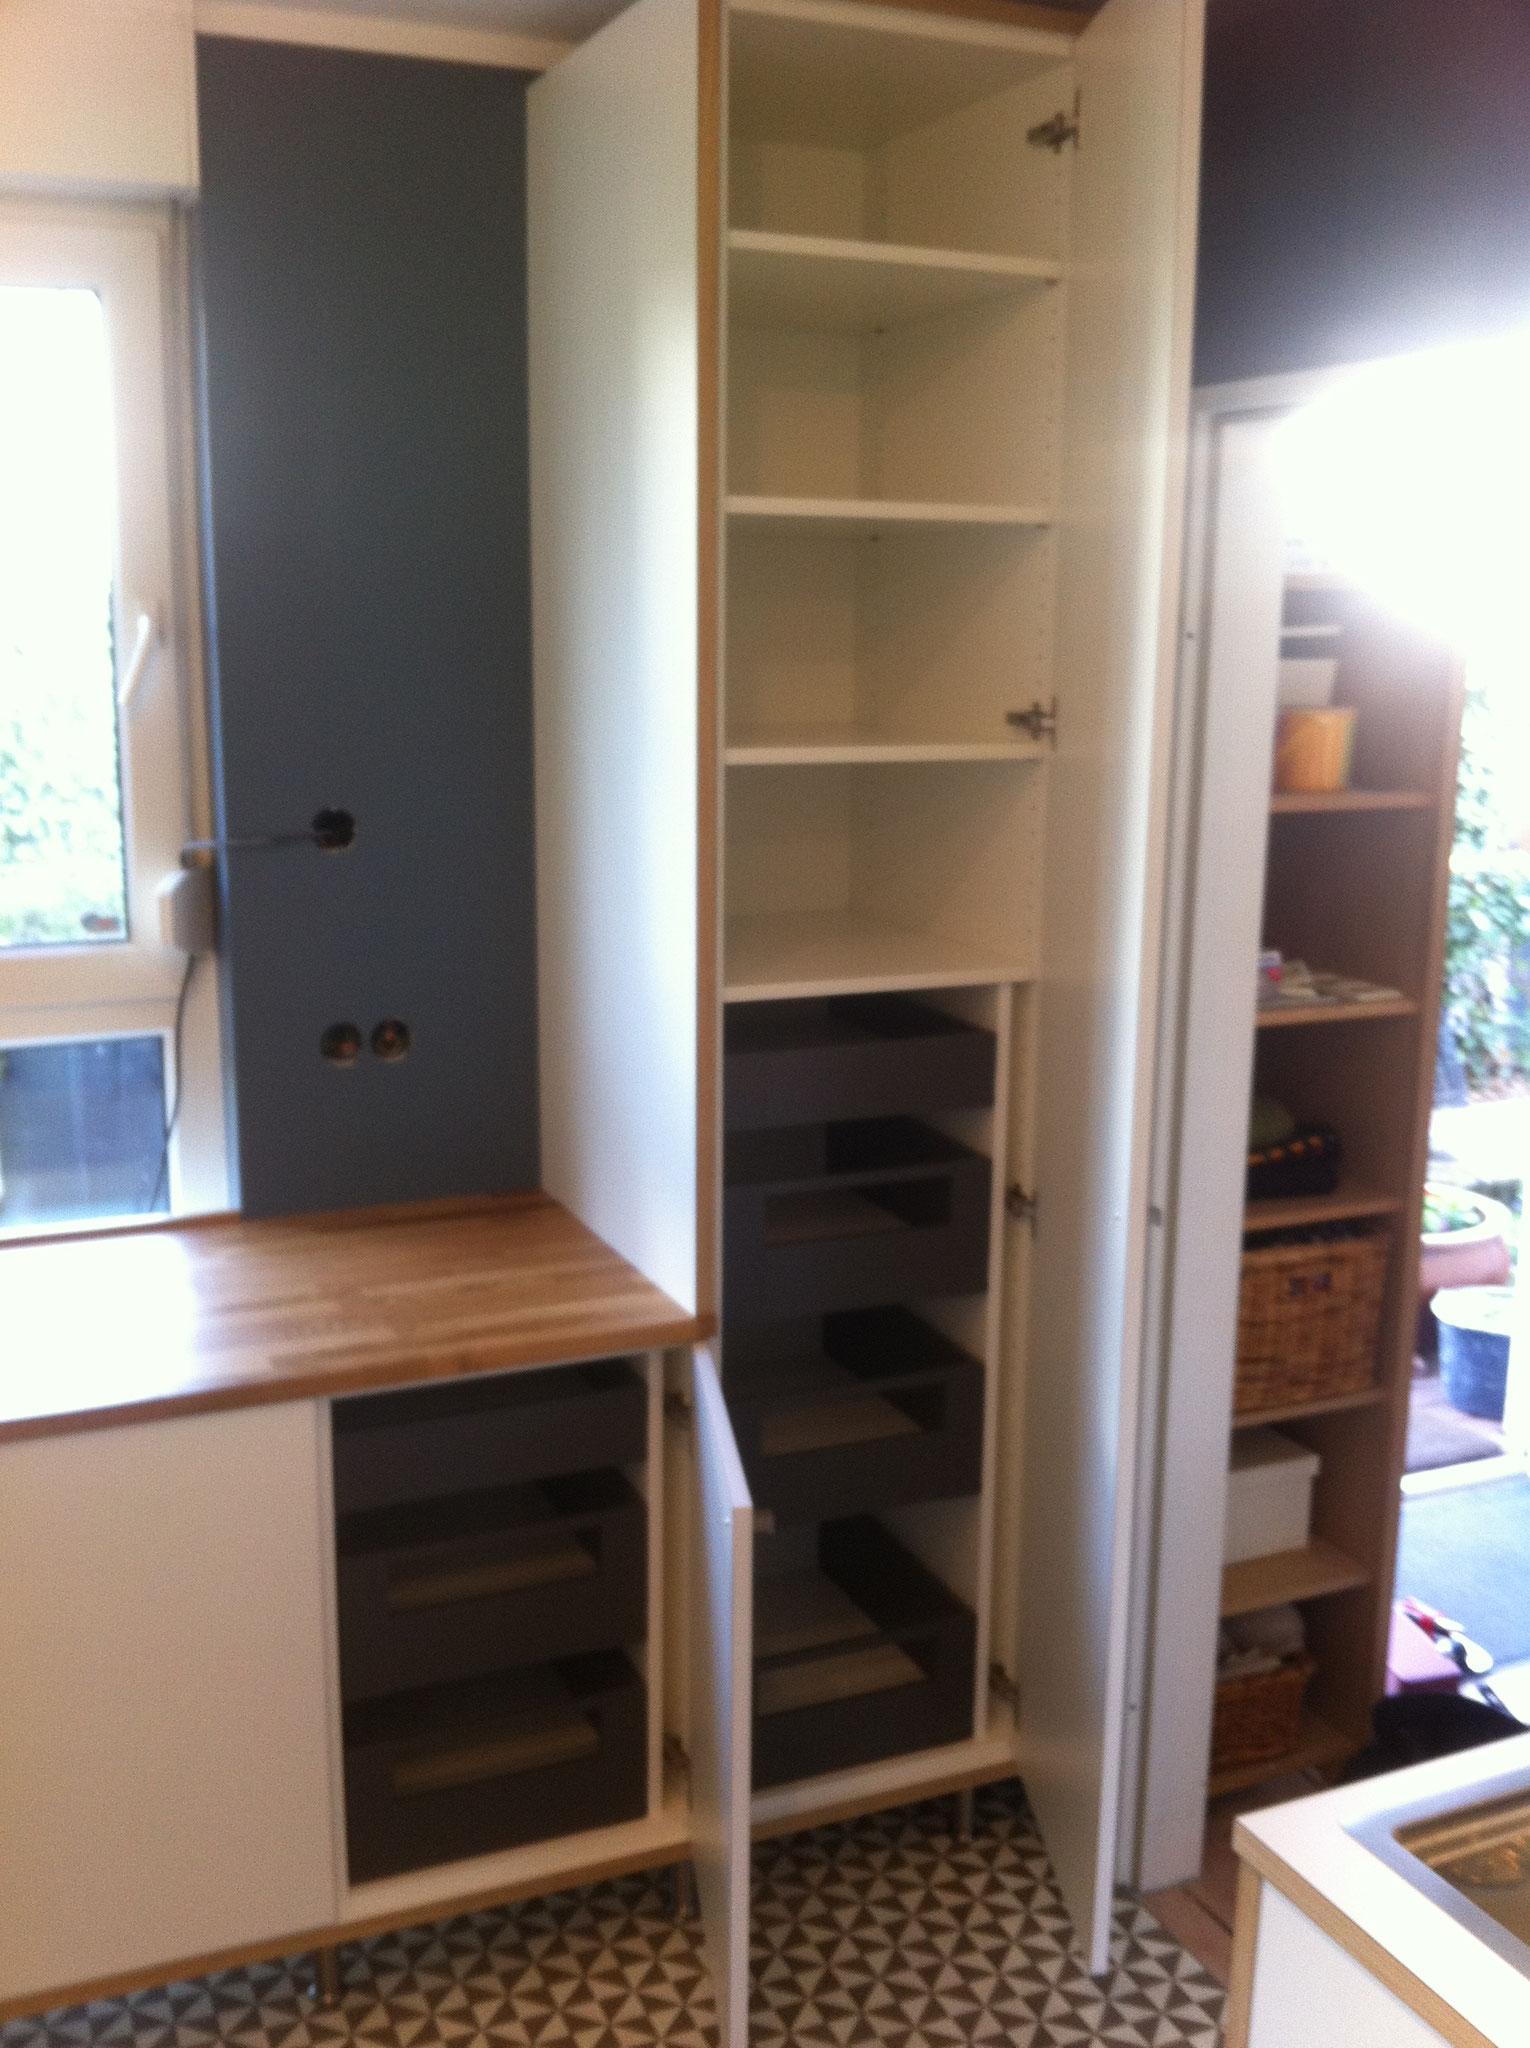 Genugen Platz und Übersicht mit Schubladen hinter den Fronten